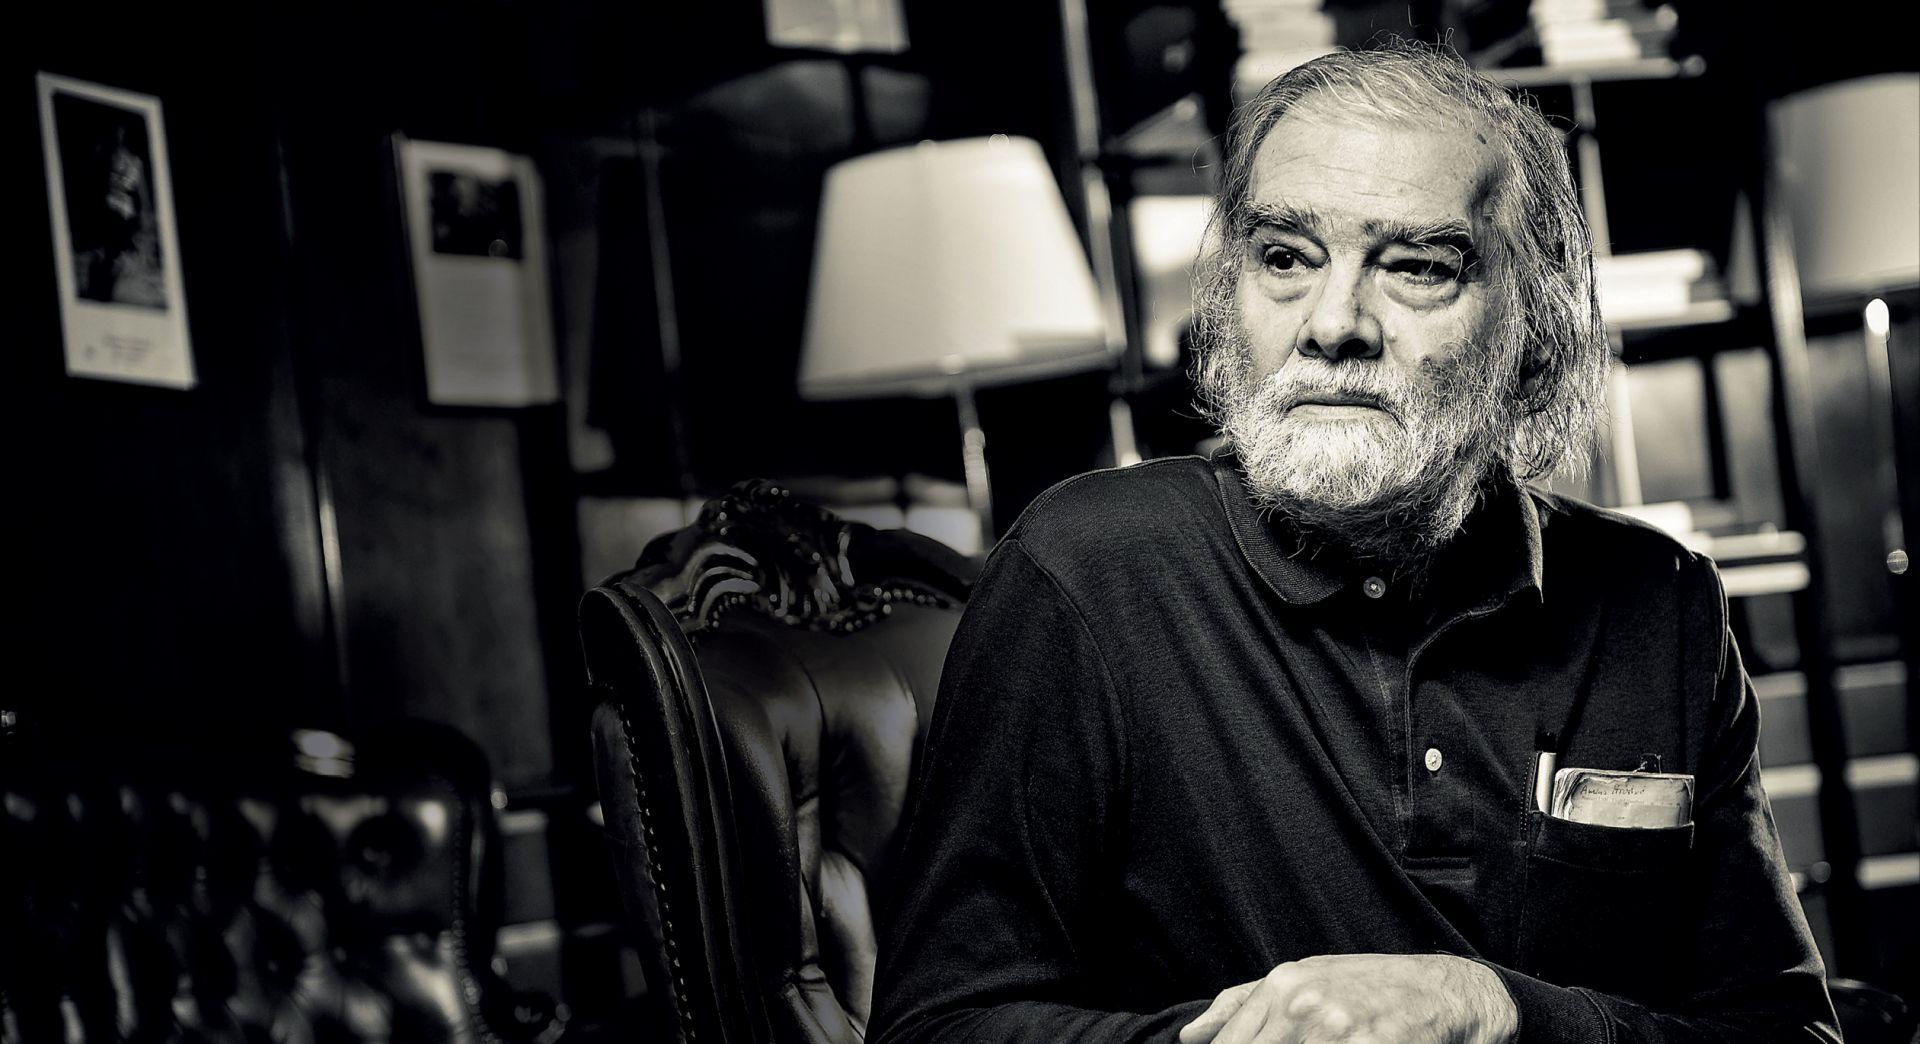 INTERVIEW: TONKO MAROEVIĆ 'U kapitalizmu se čovjeku ukida sloboda, a ona je sve'